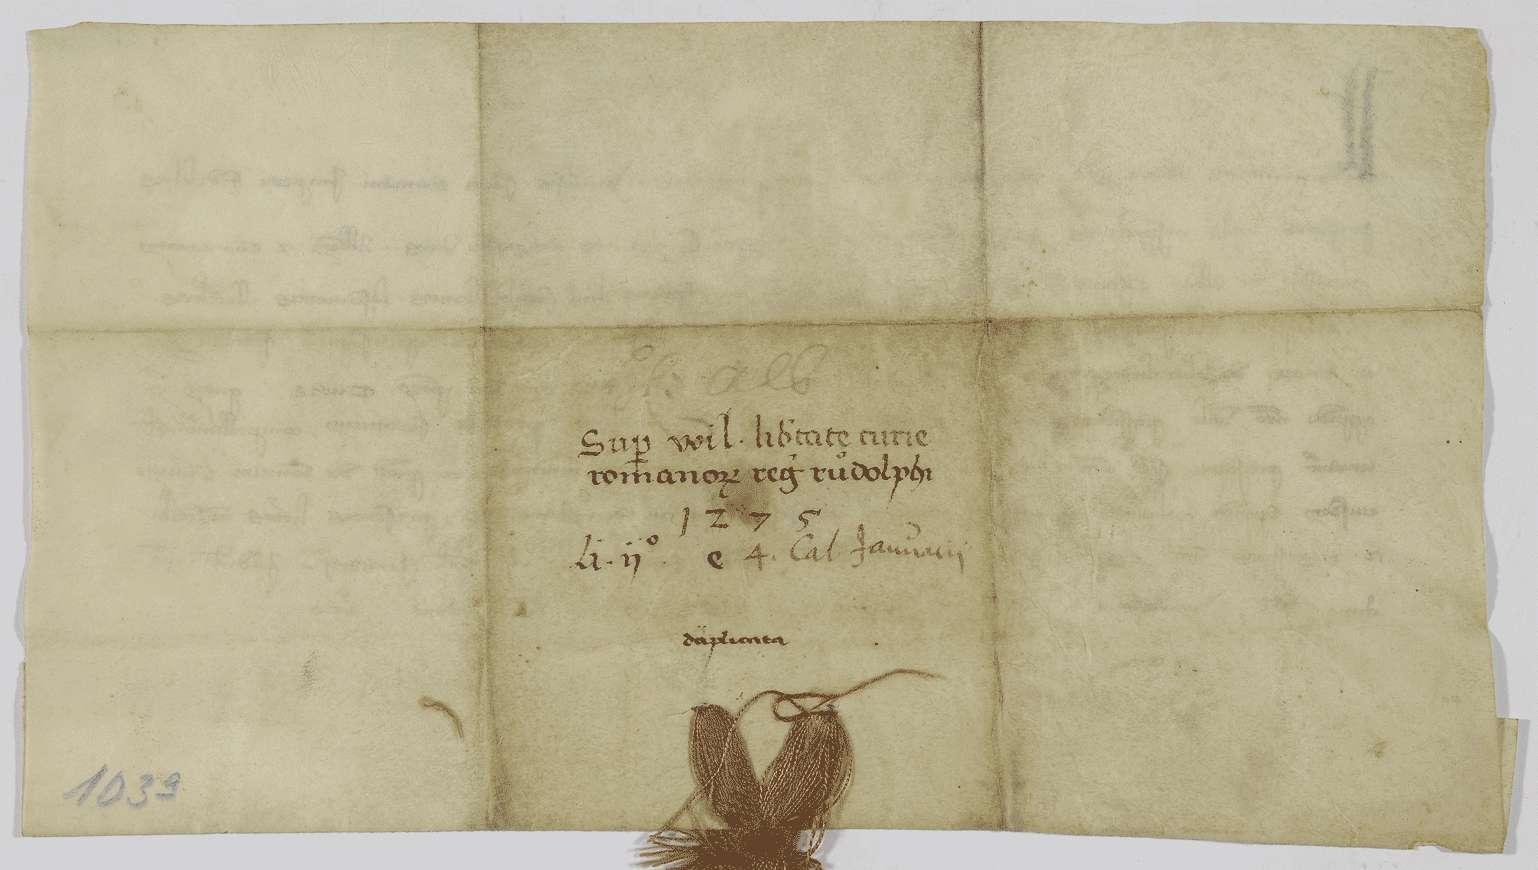 König Rudolf befreit den Hof des Klosters Herrenalb in seiner Stadt Weil von Bede, Steuer und allen Diensten., Bild 2